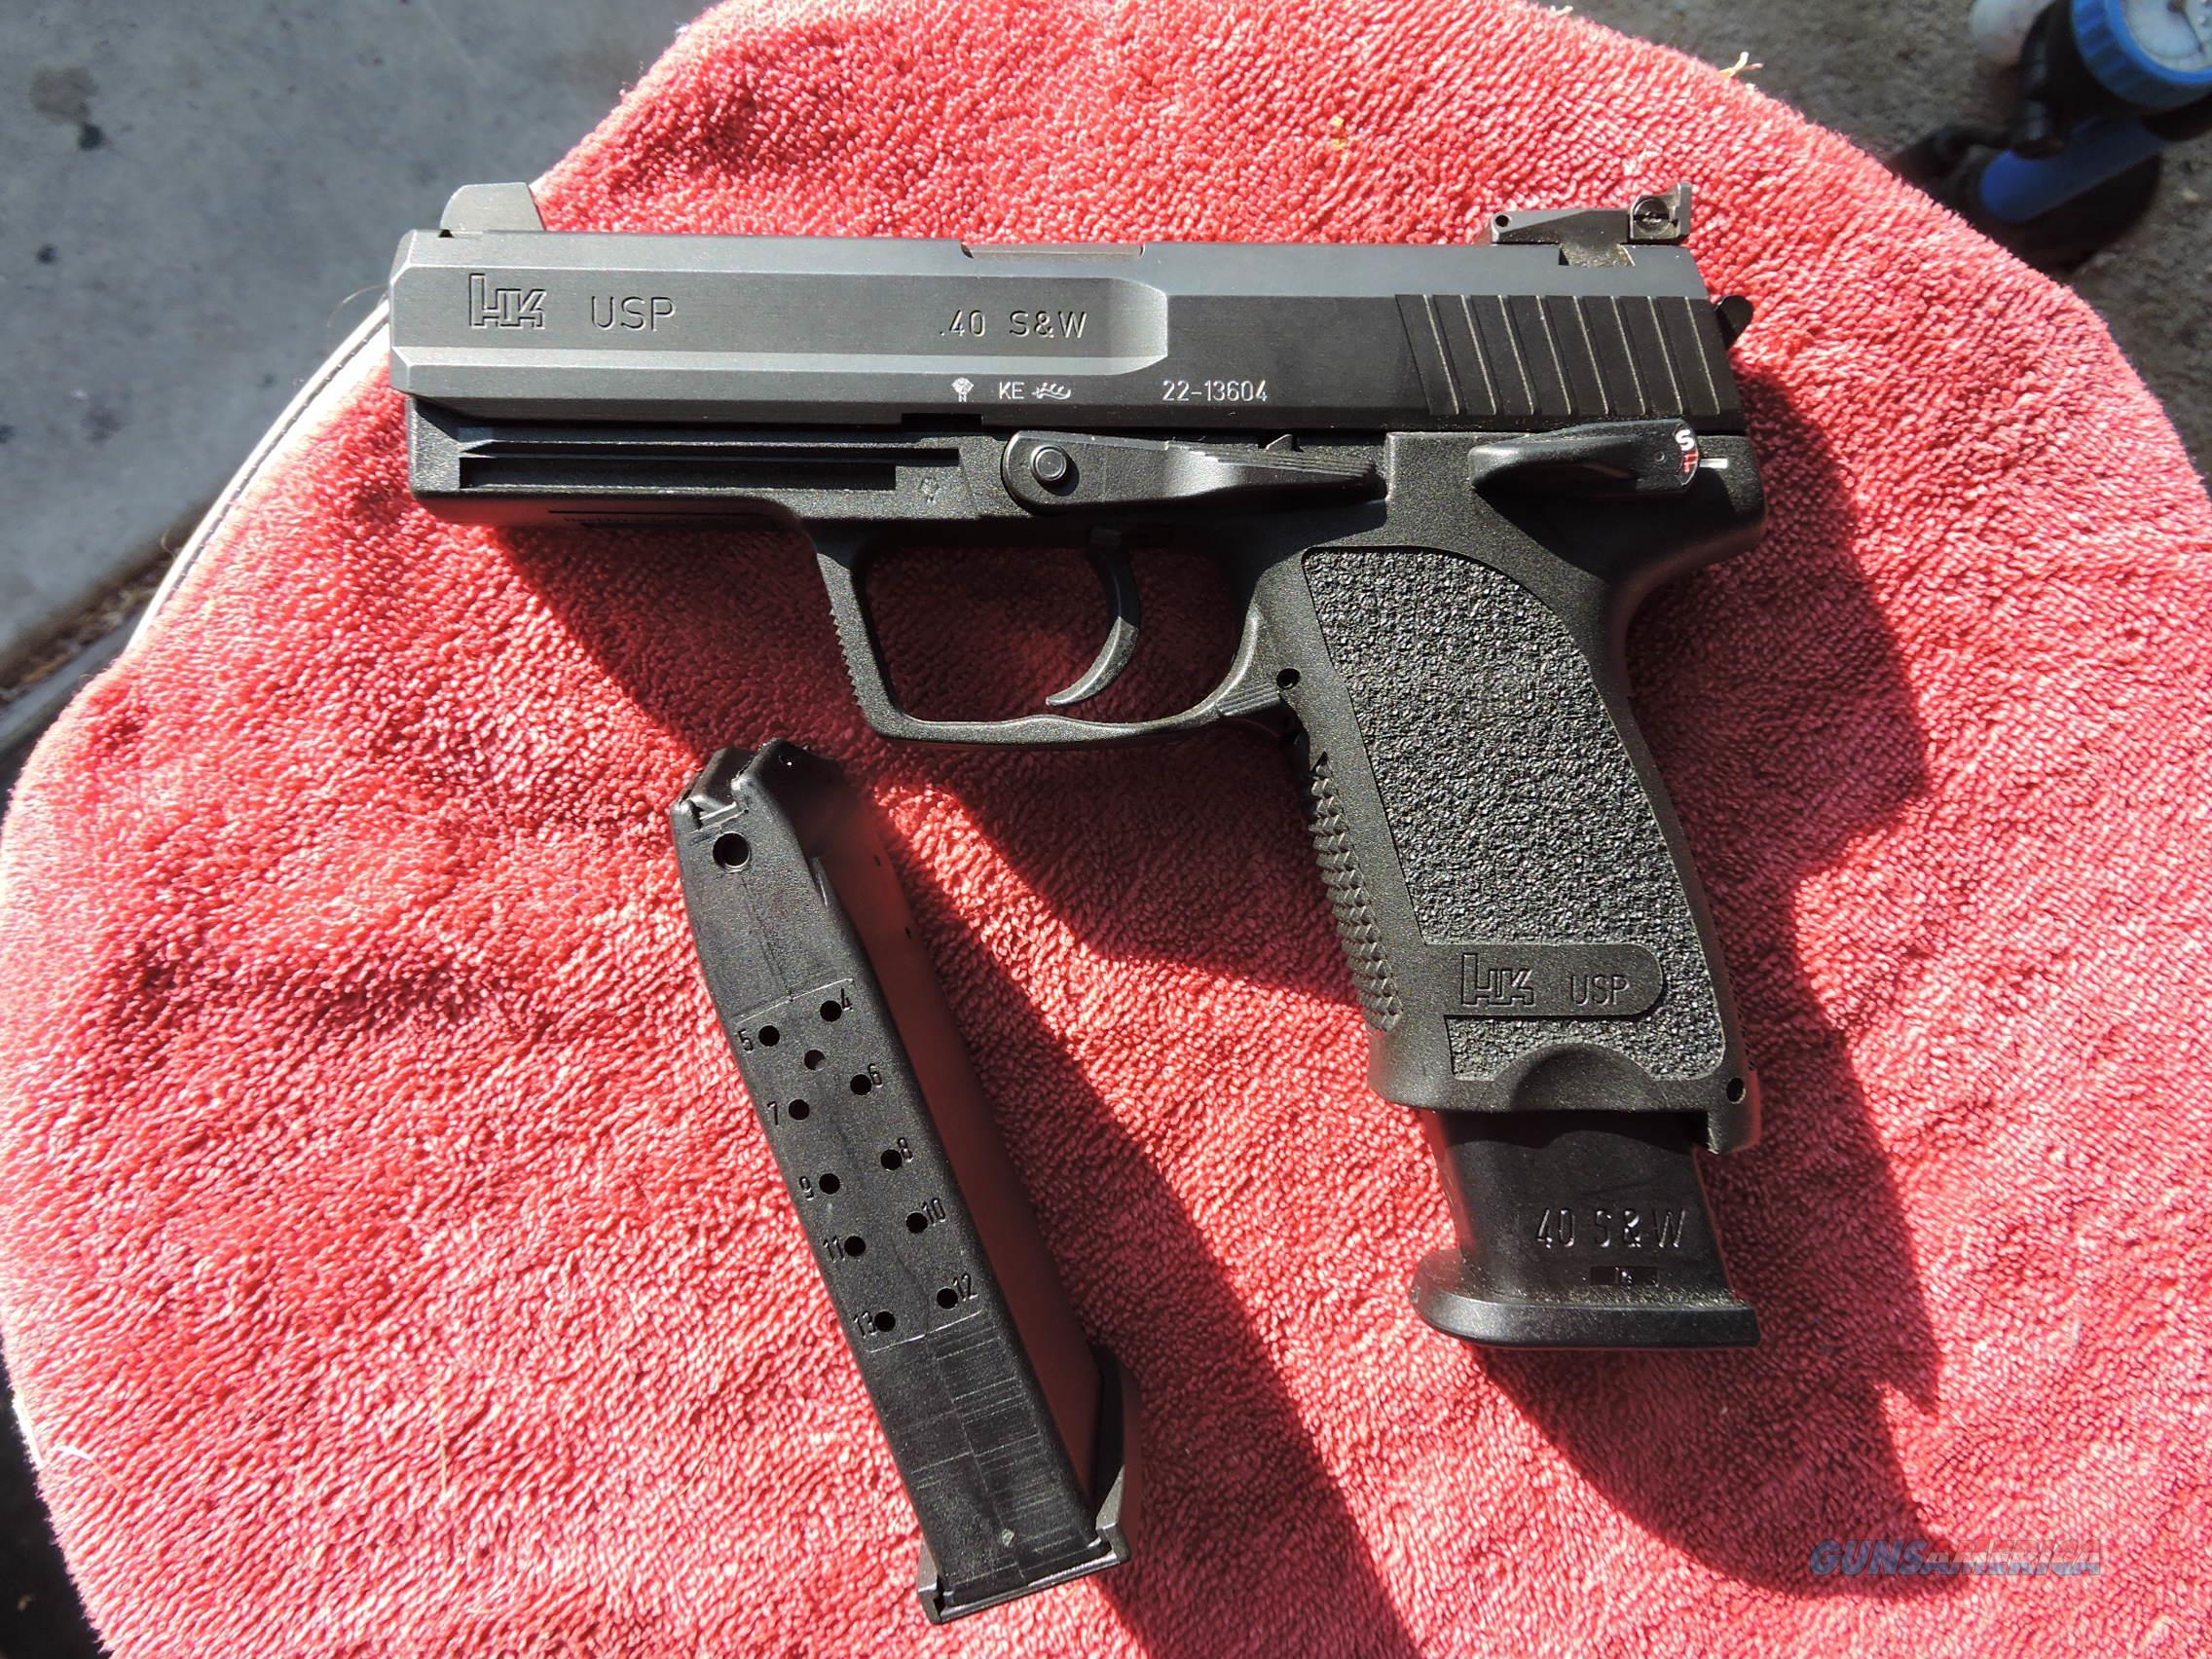 H&K Heckler & Koch USP .40 S&W ADJUSTABLE SIGHTS!  Guns > Pistols > Heckler & Koch Pistols > Polymer Frame